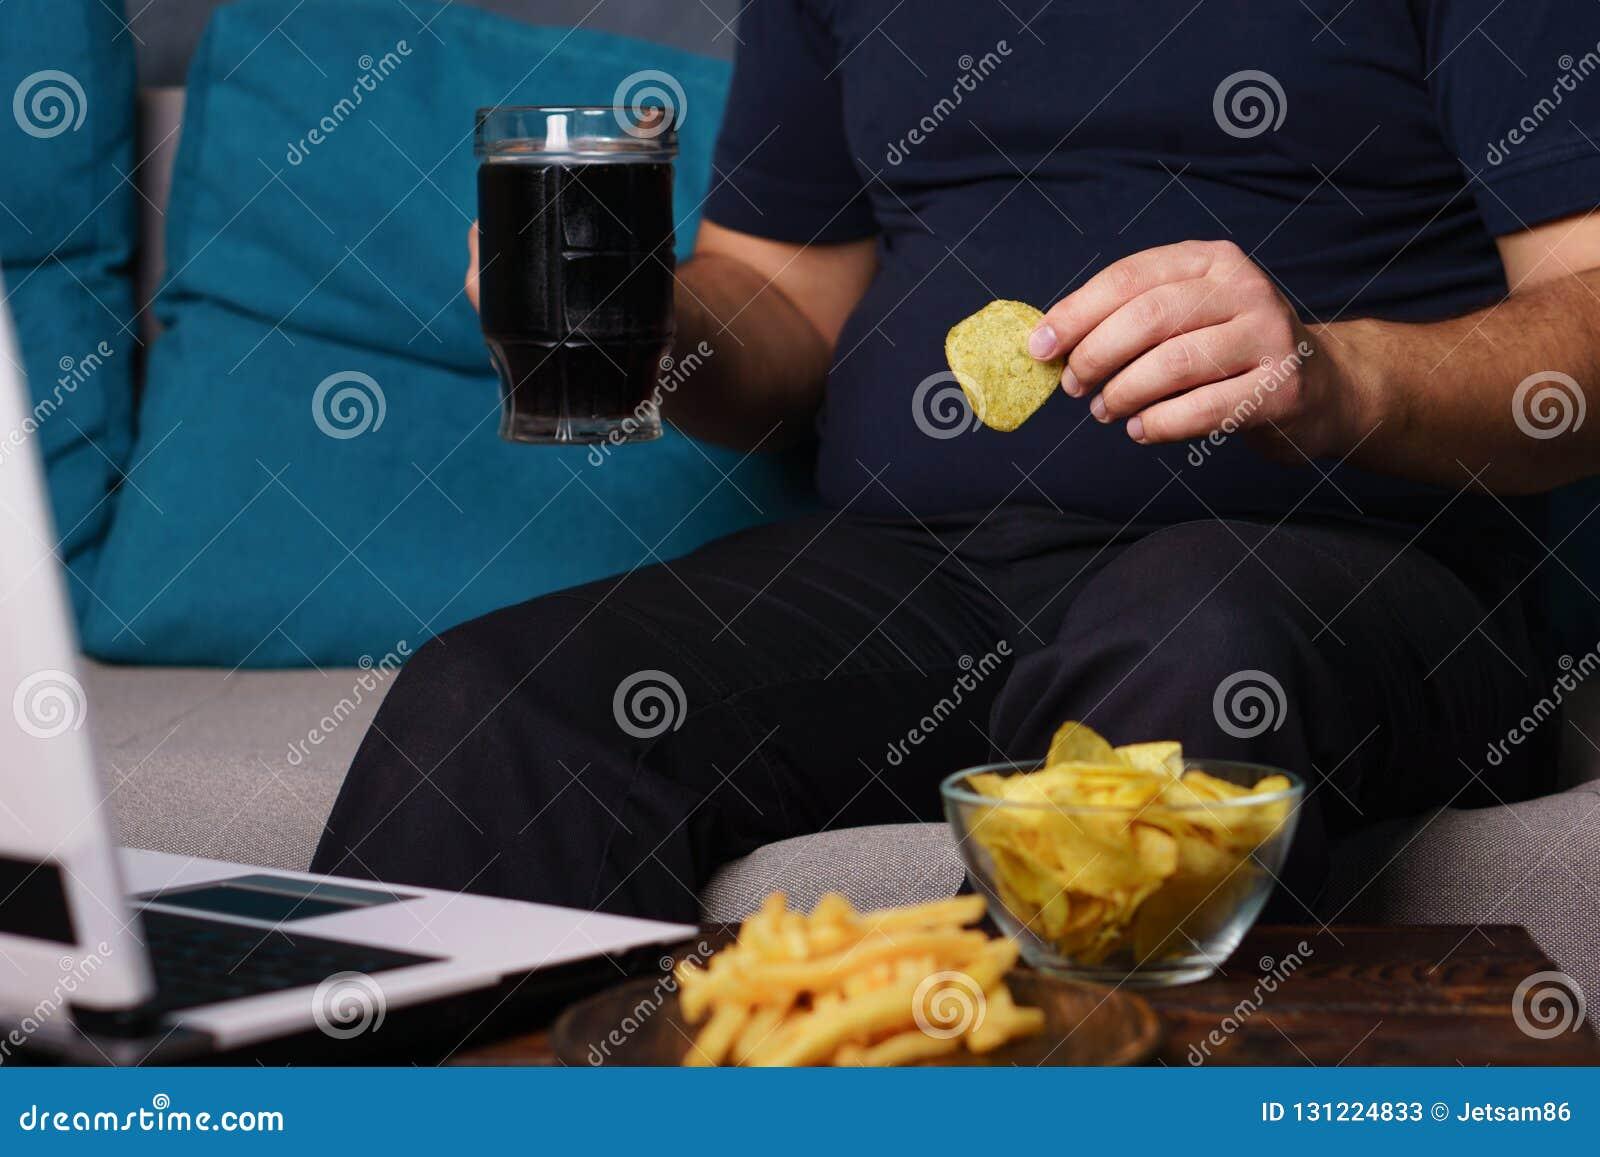 Fare un spuntino irragionevole, mangiante troppo, mancanza di attività fisica